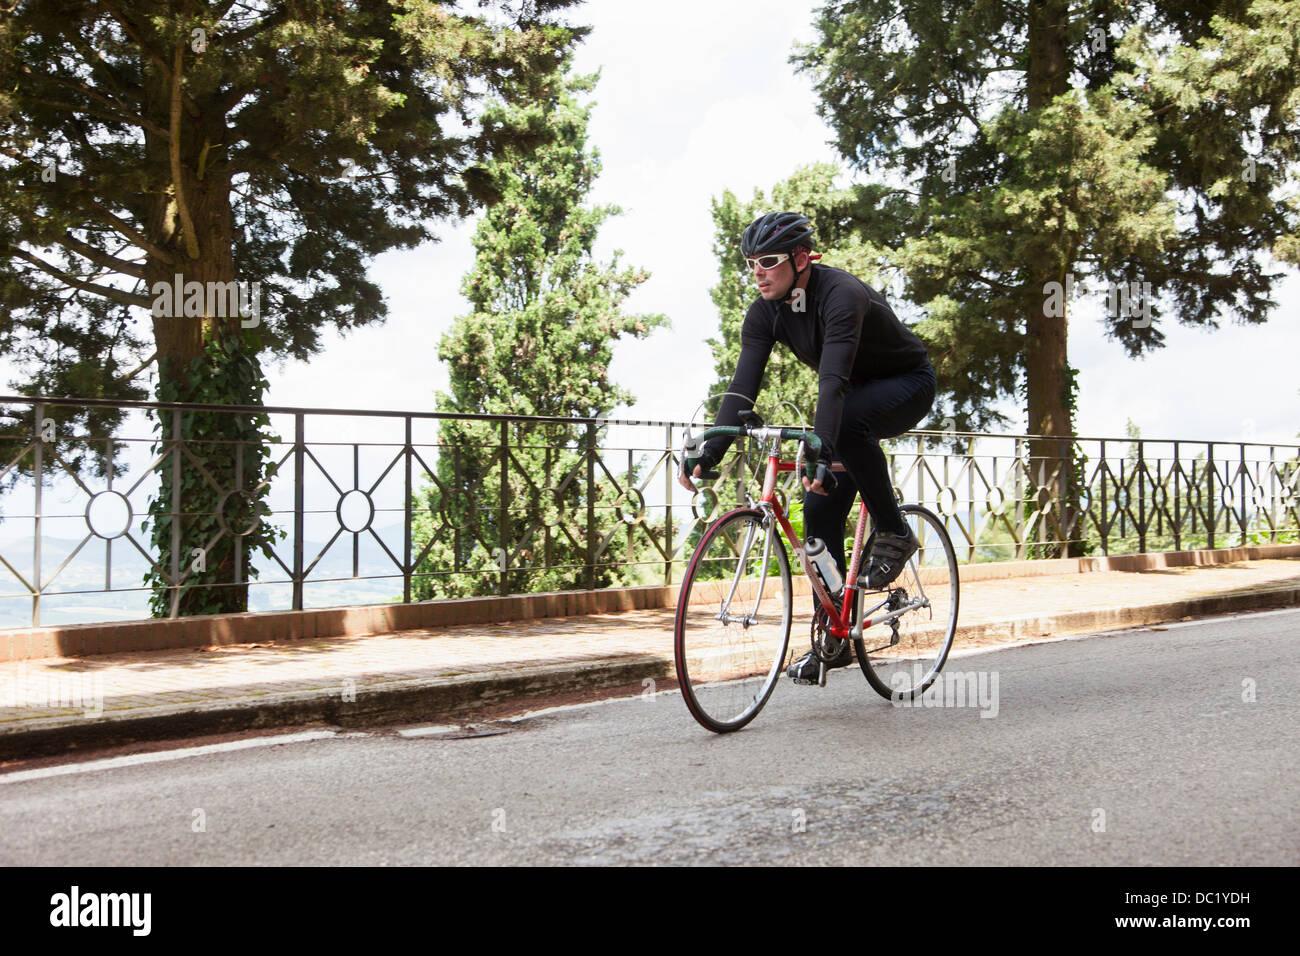 Equitación ciclista Down road en Umbría, Italia Imagen De Stock